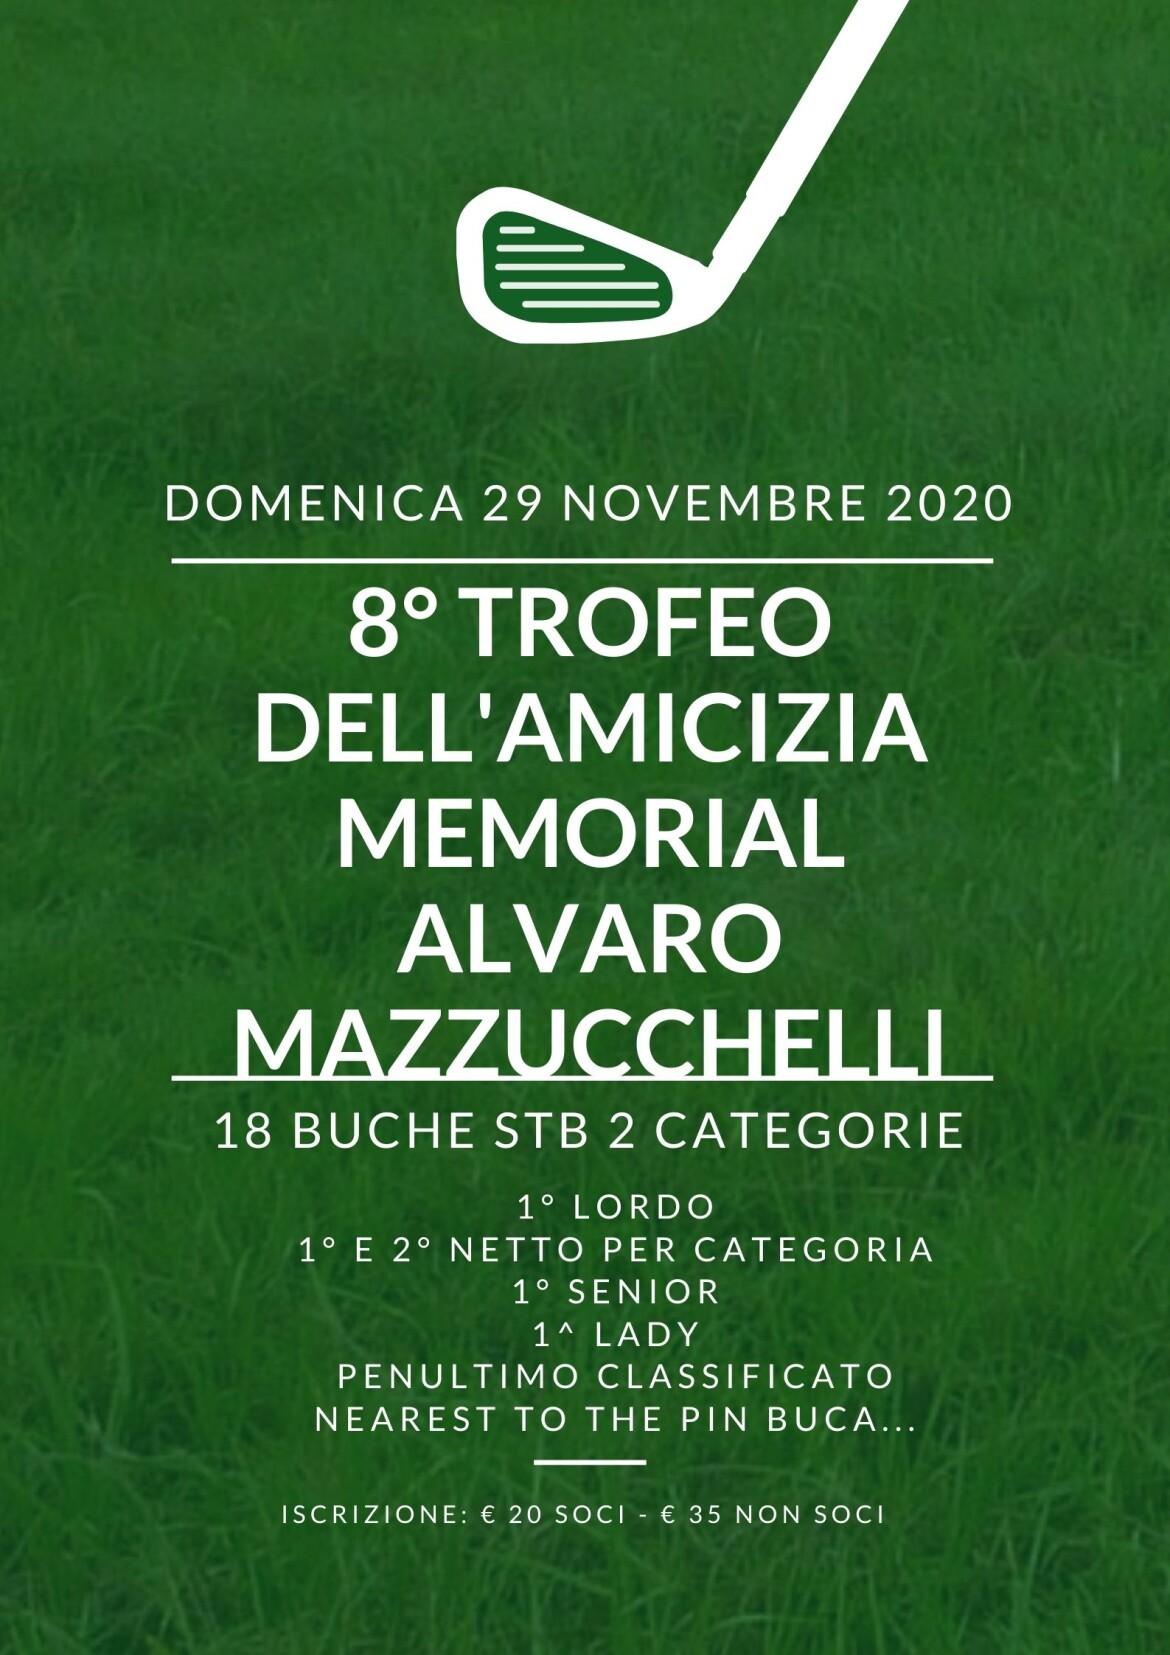 8° TROFEO DELL'AMICIZIA MEMORIAL ALVARO MAZZUCCHELLI